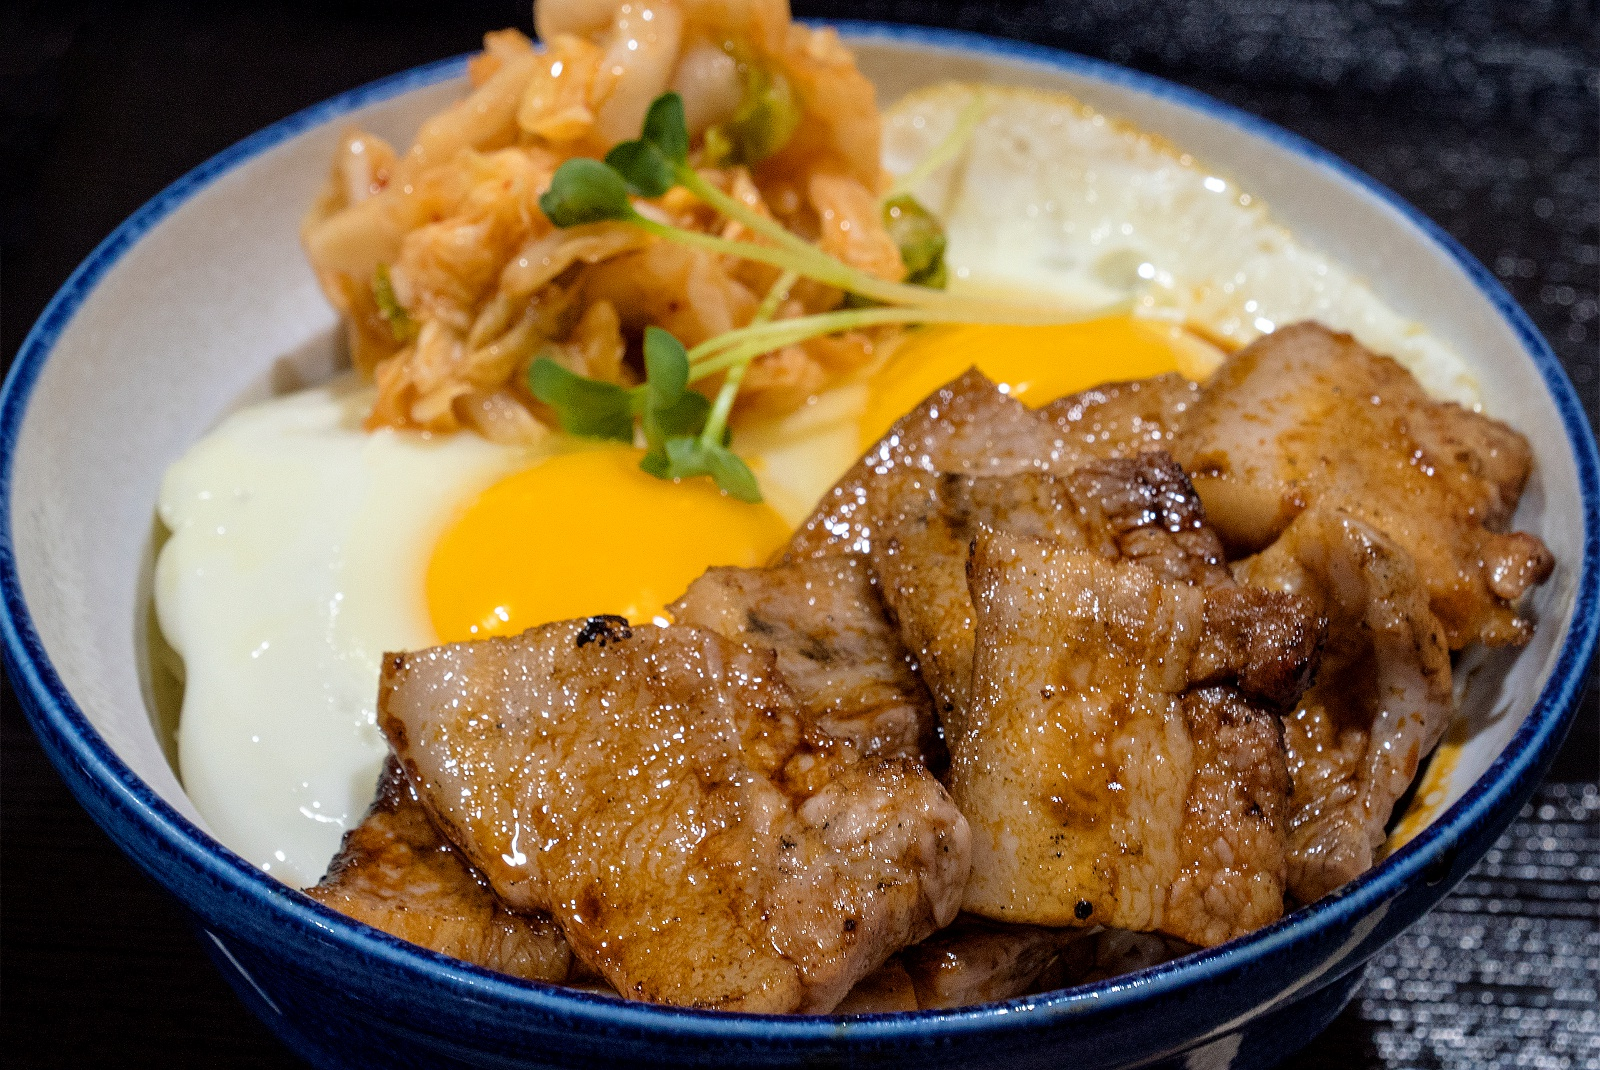 3年前に復活を遂げた!小樽市民に愛され続ける「きまり丼」とは?